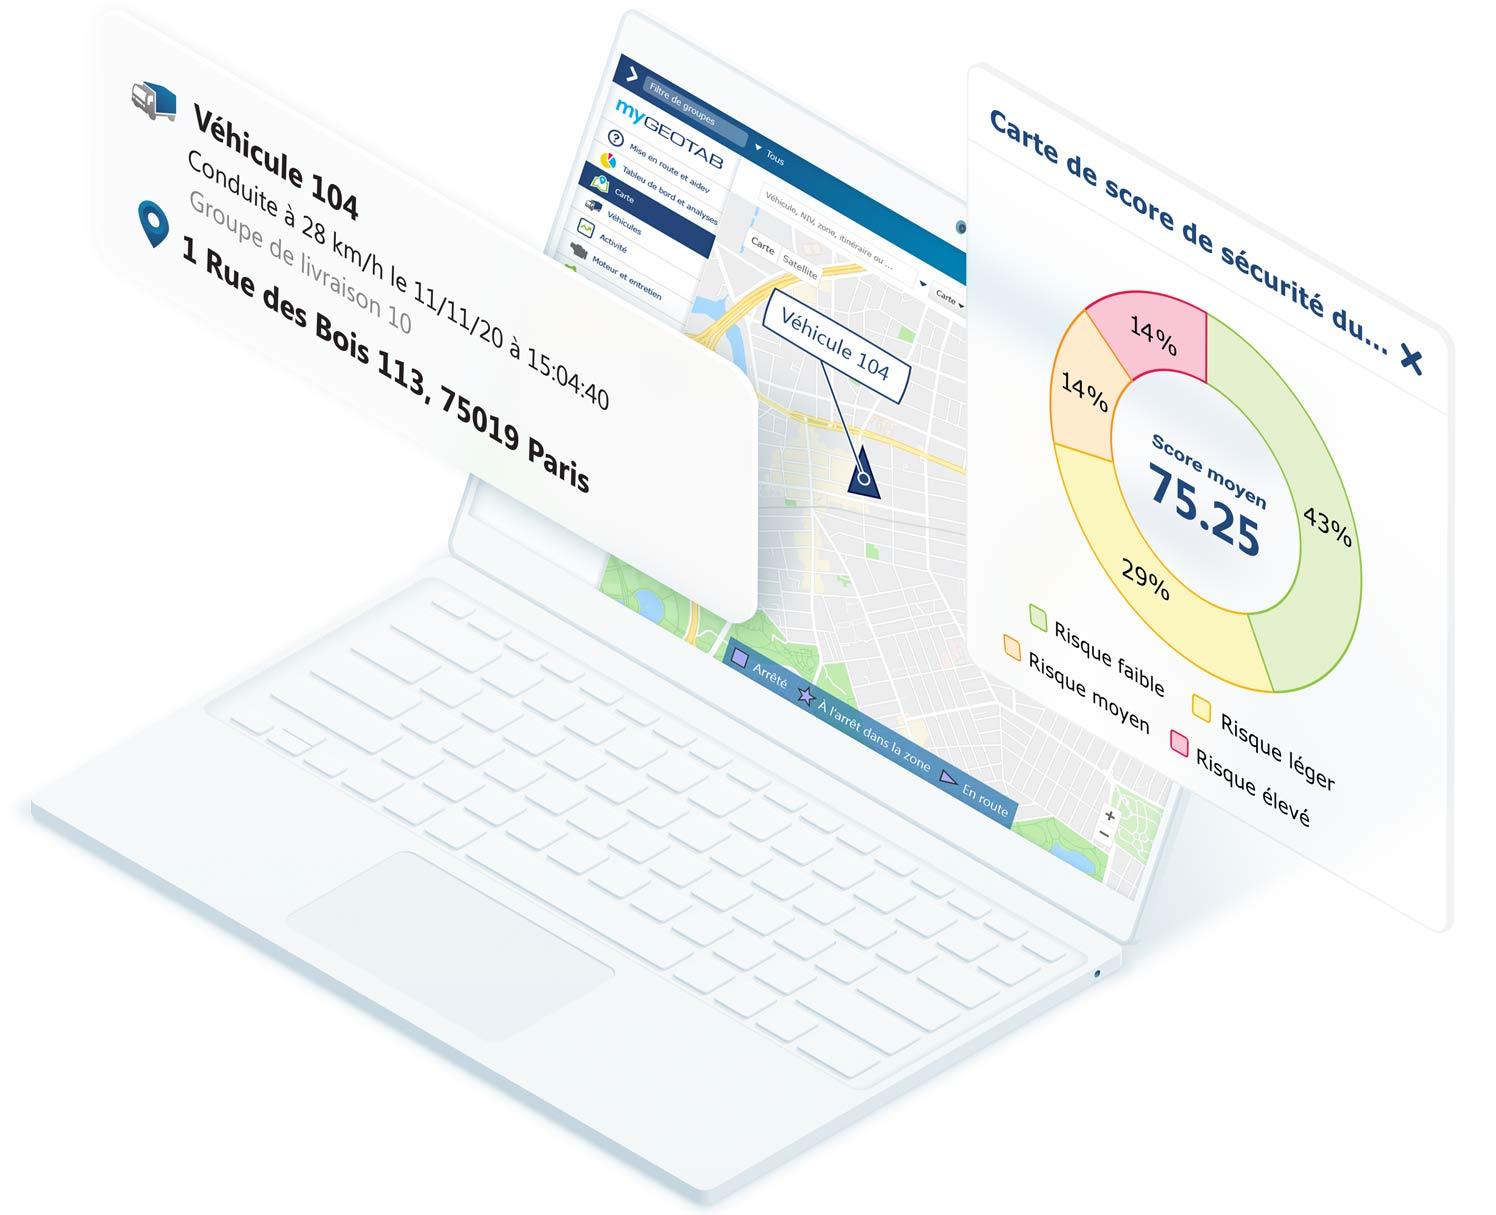 Ordinateur portable blanc affichant la carte MyGeotab avec les données du véhicule et la carte de score de sécurité du conducteur superposée à l'écran